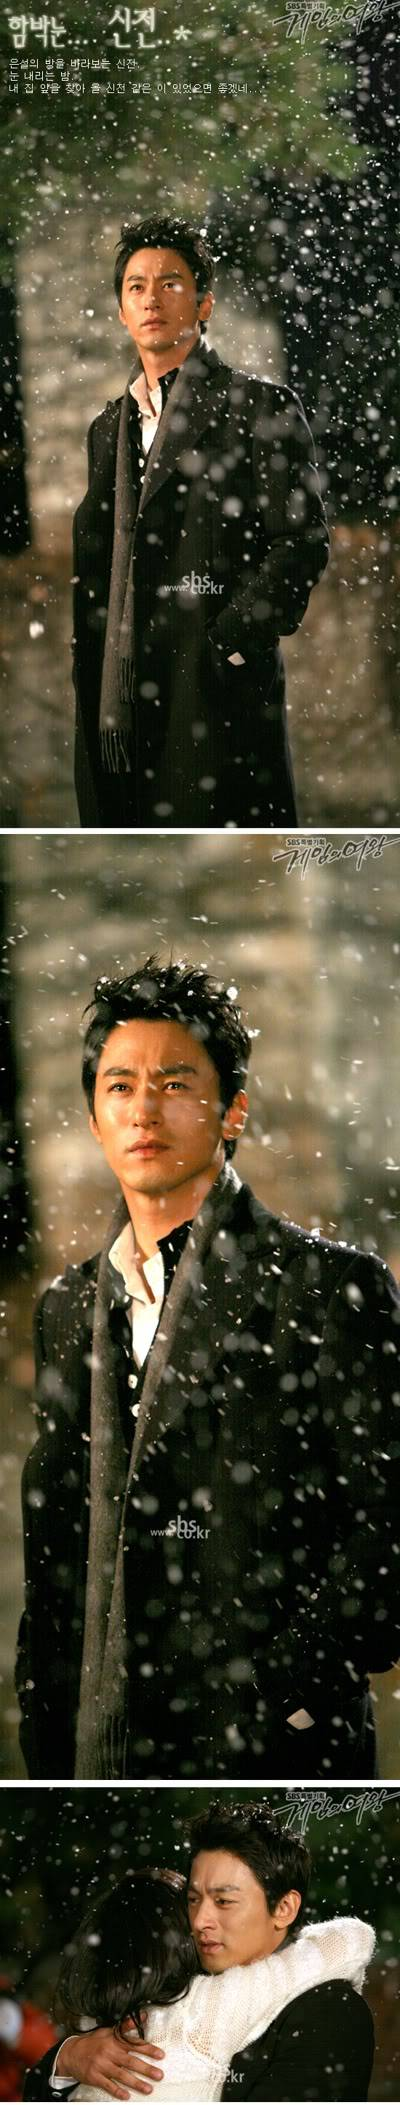 Жожик, его величество Император Чу Чжин Мо ♛- 2 - Страница 4 20061215538_13113